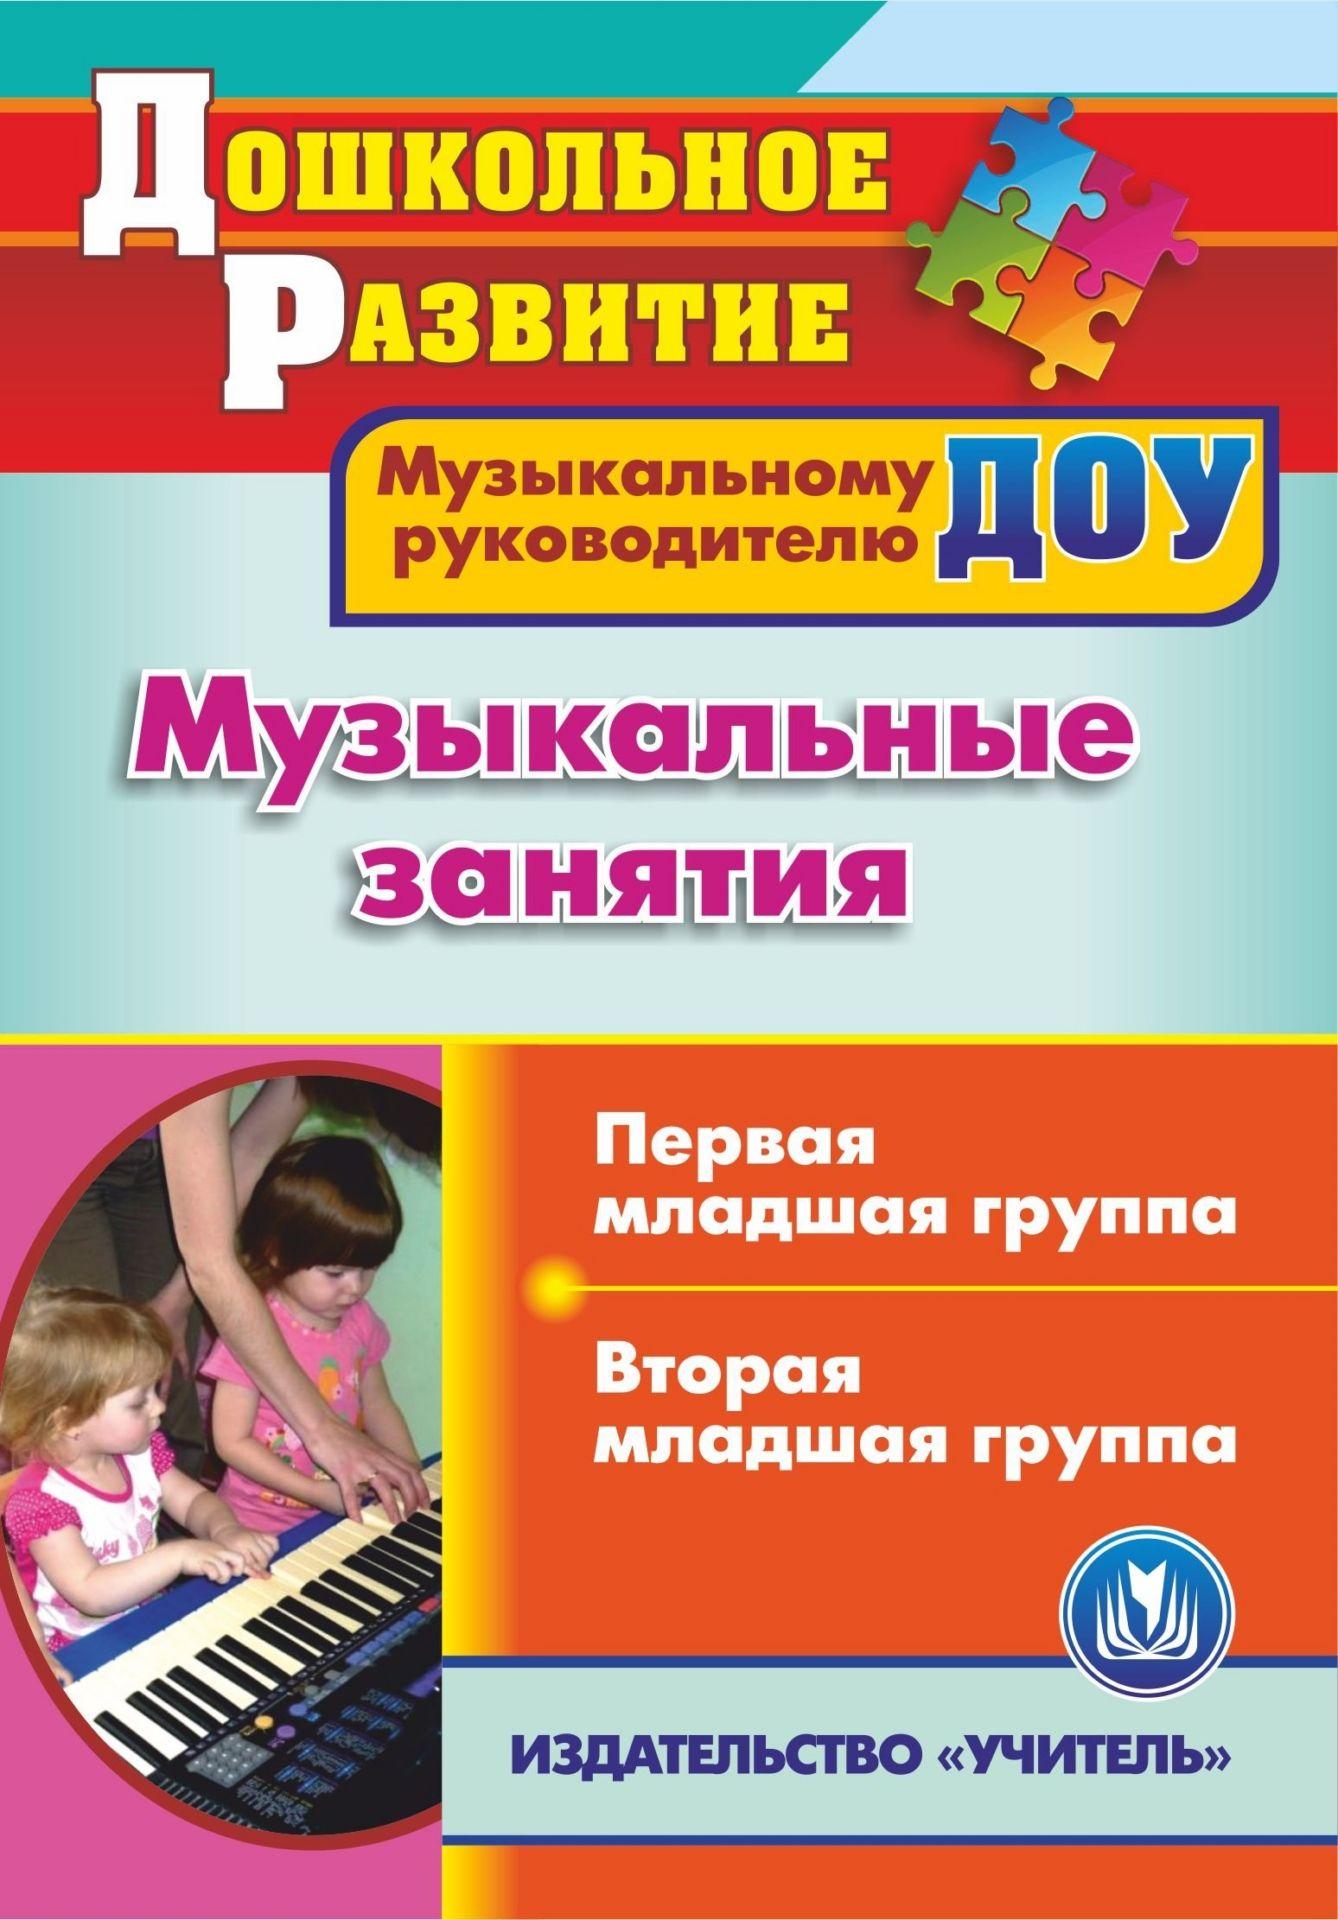 Музыкальные занятия. Группа раннего возраста. Младшая группа. Программа для установки через Интернет